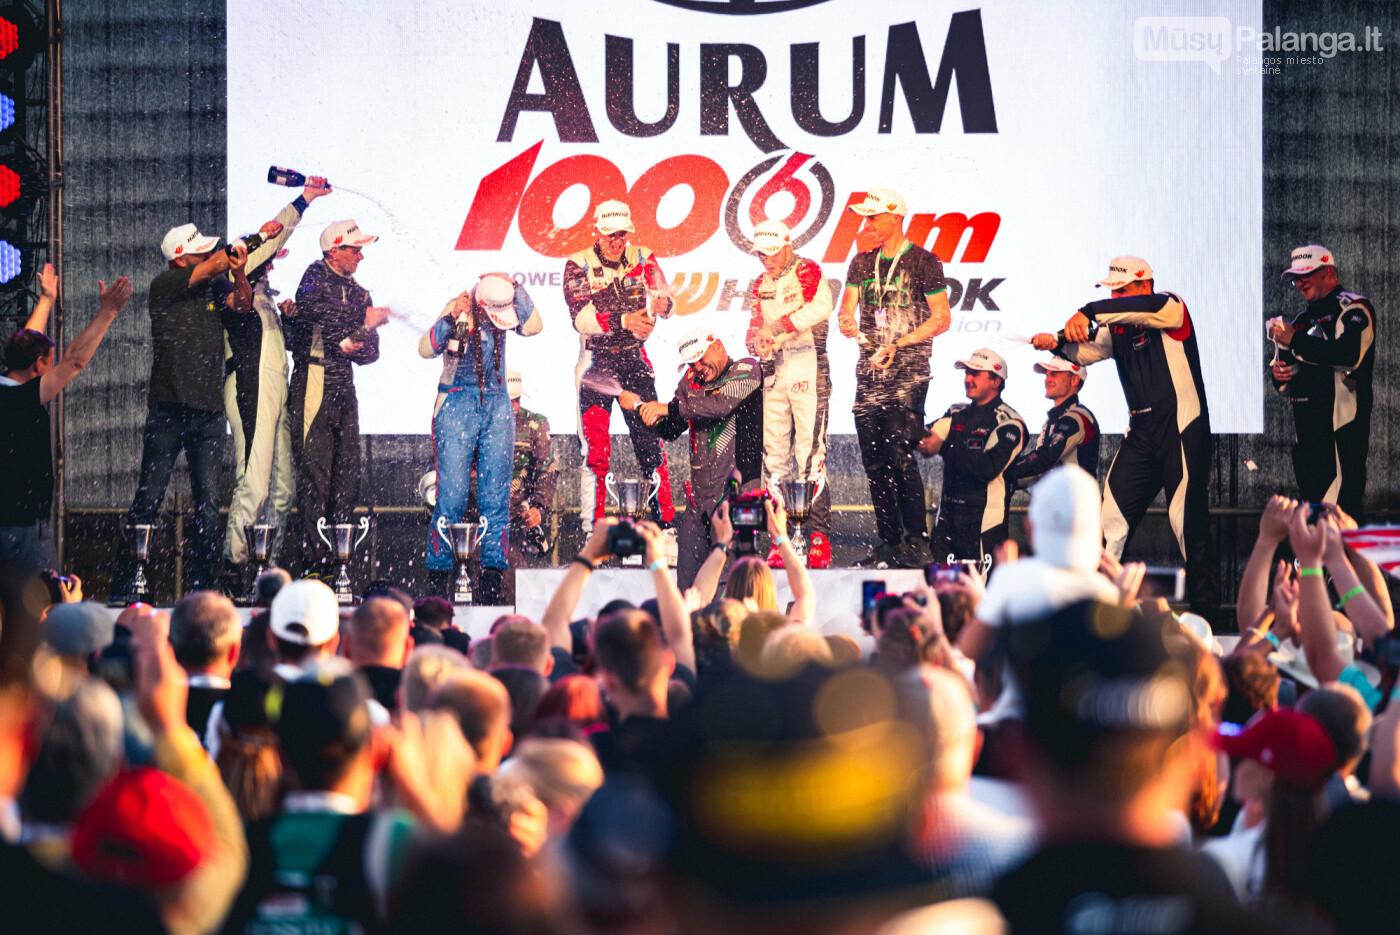 """""""Aurum 1006 km"""" lenktynėse Palangoje – praėjusių metų nugalėtojų triumfas , nuotrauka-25, Vytauto PILKAUSKO ir Arno STRUMILOS nuotr."""